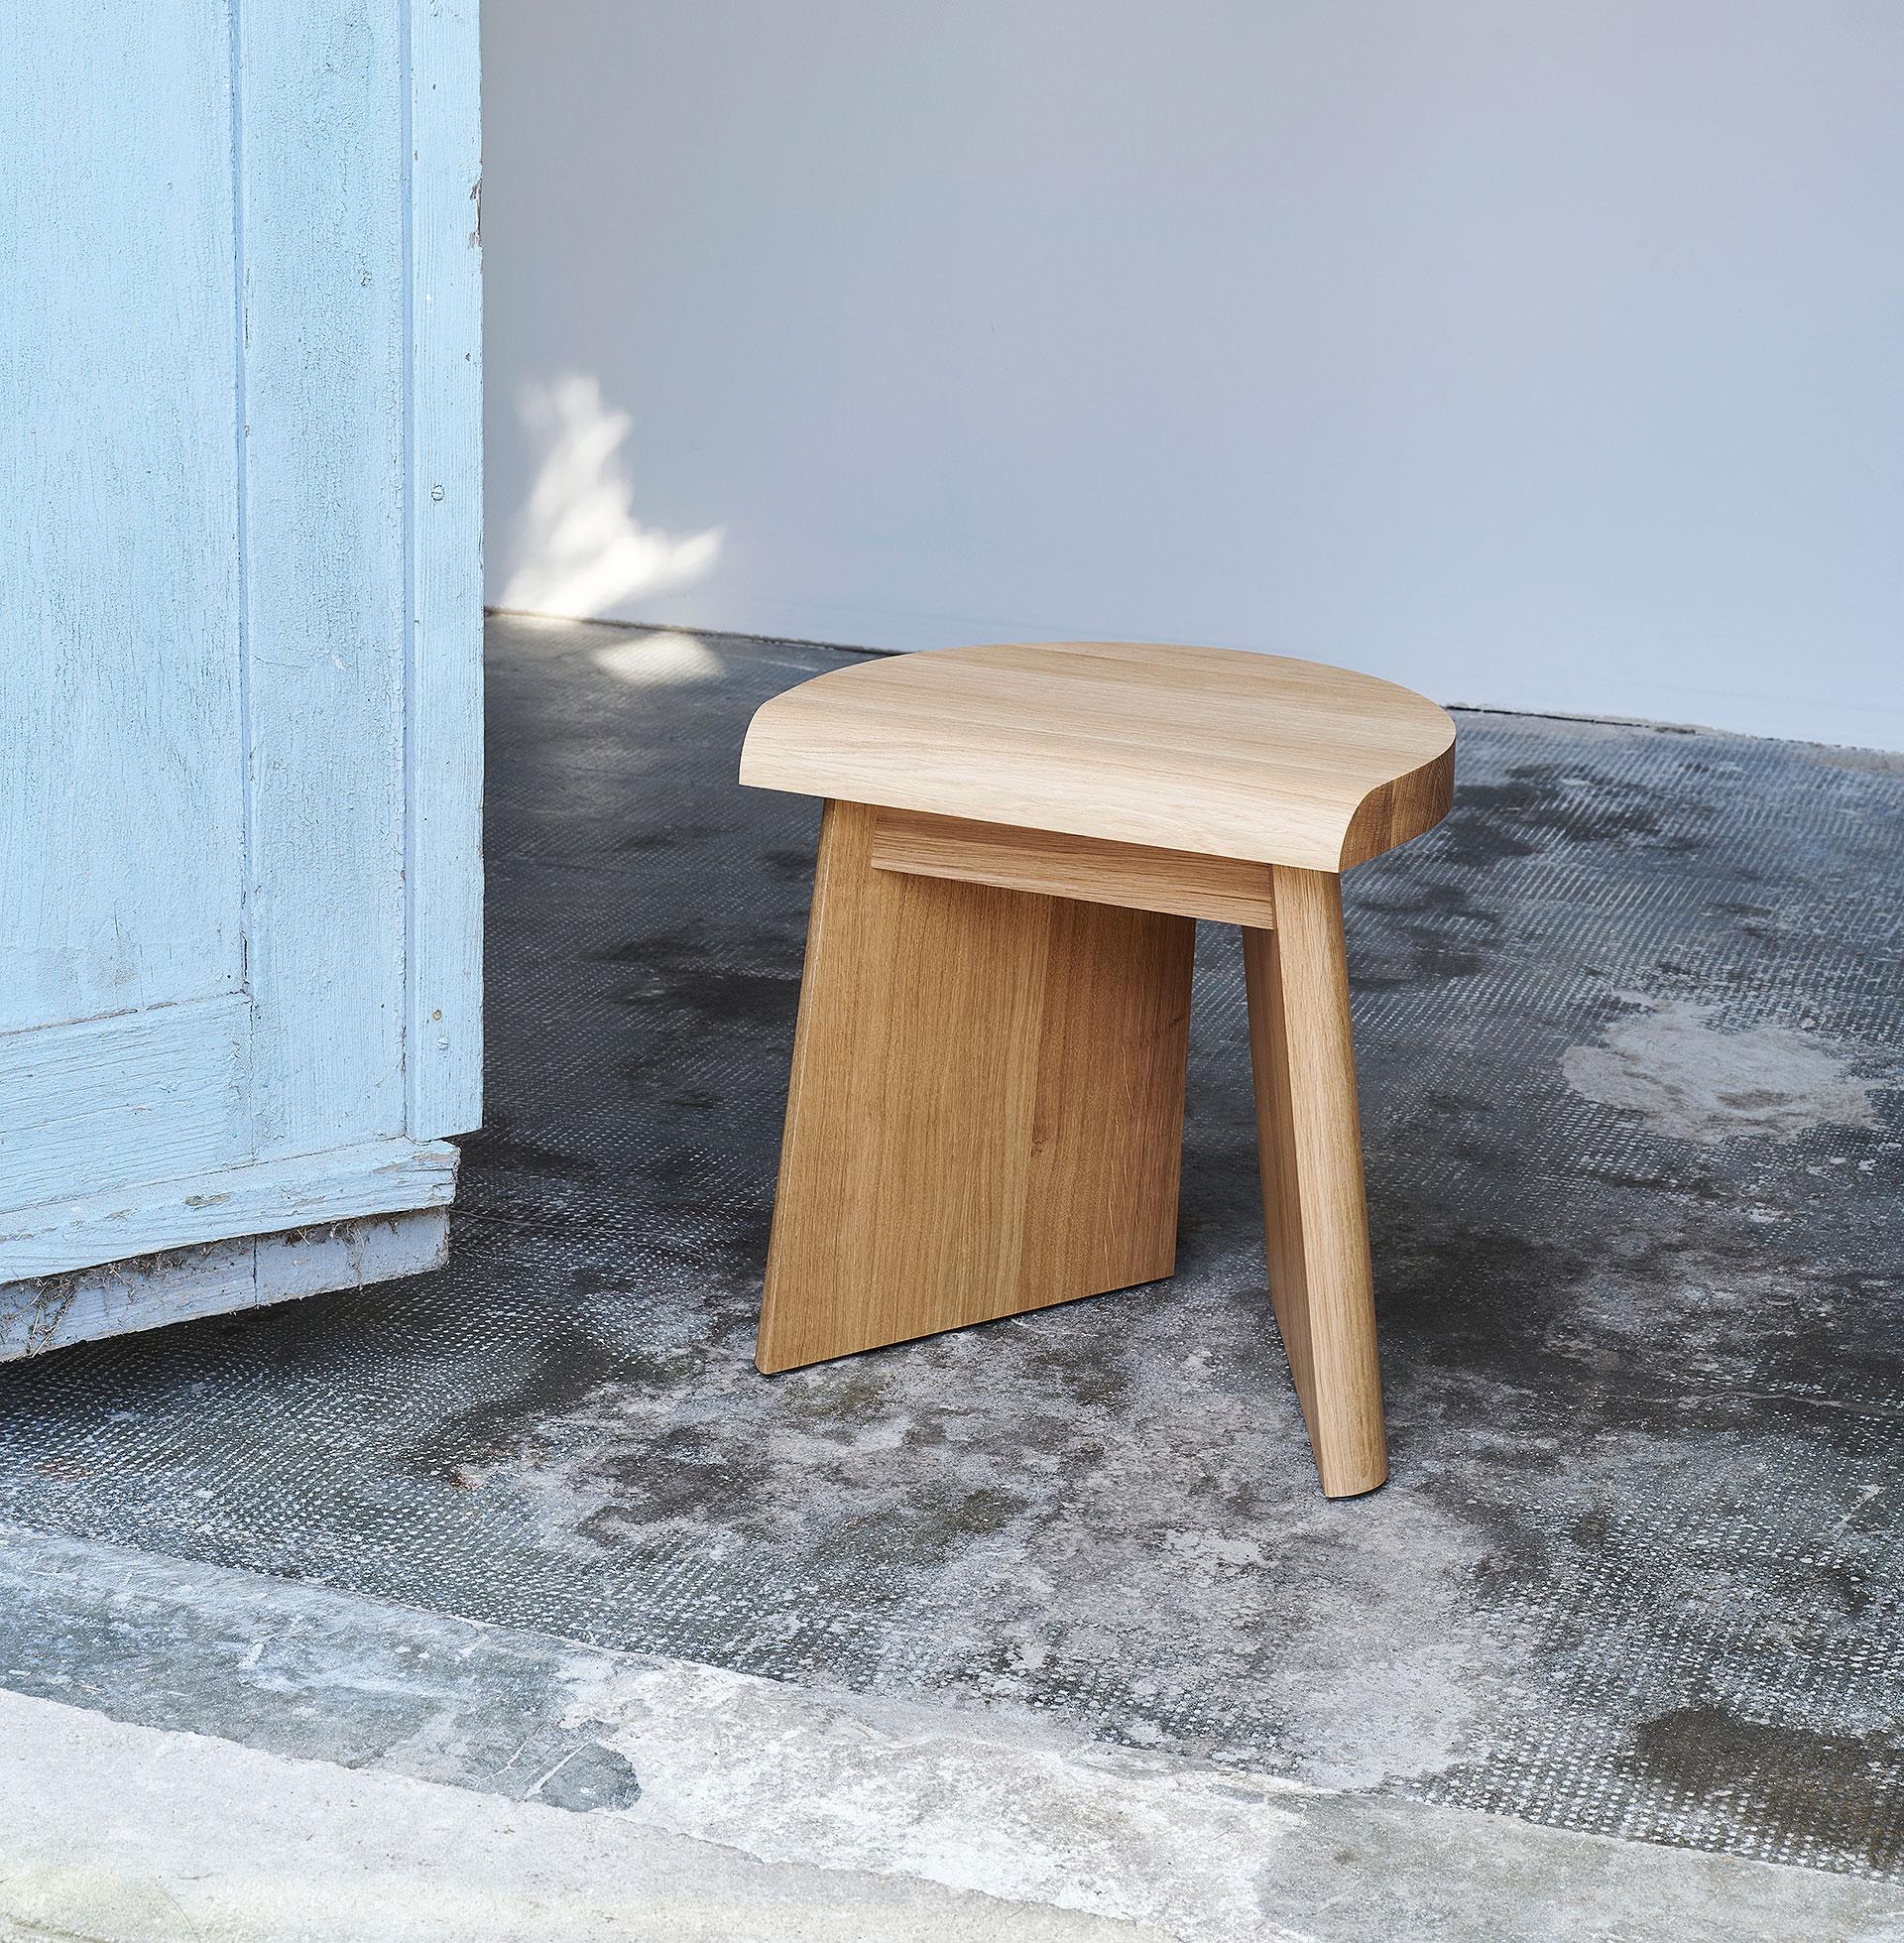 taburete de madera de roble portao de christian haas y favius (0)